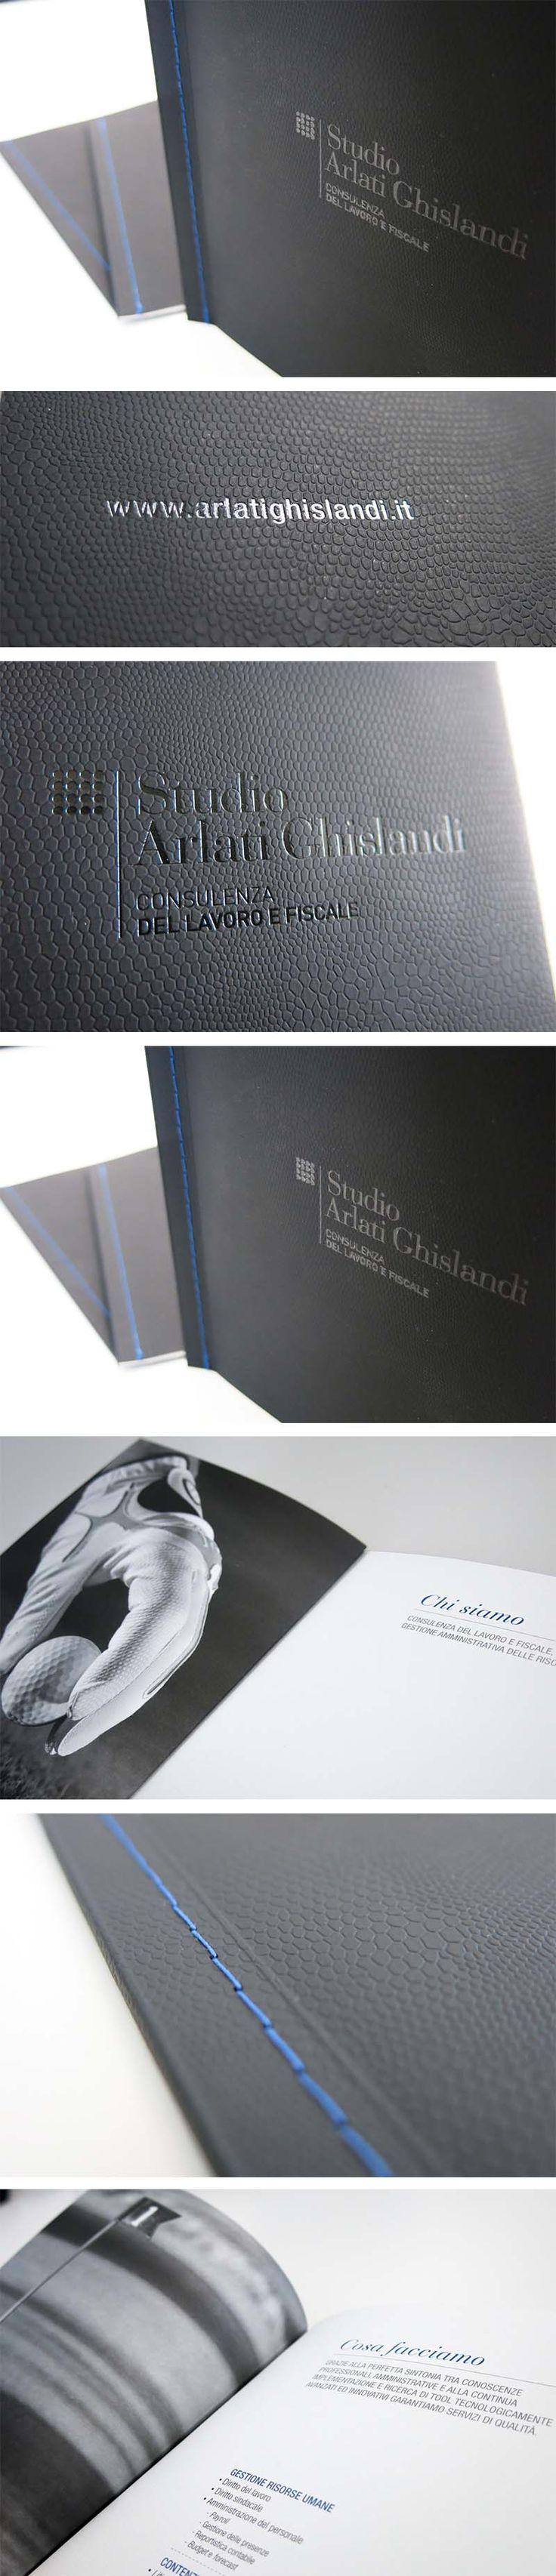 Oltre 25 fantastiche idee su copertina per brochure su for Idee per il layout del mazzo